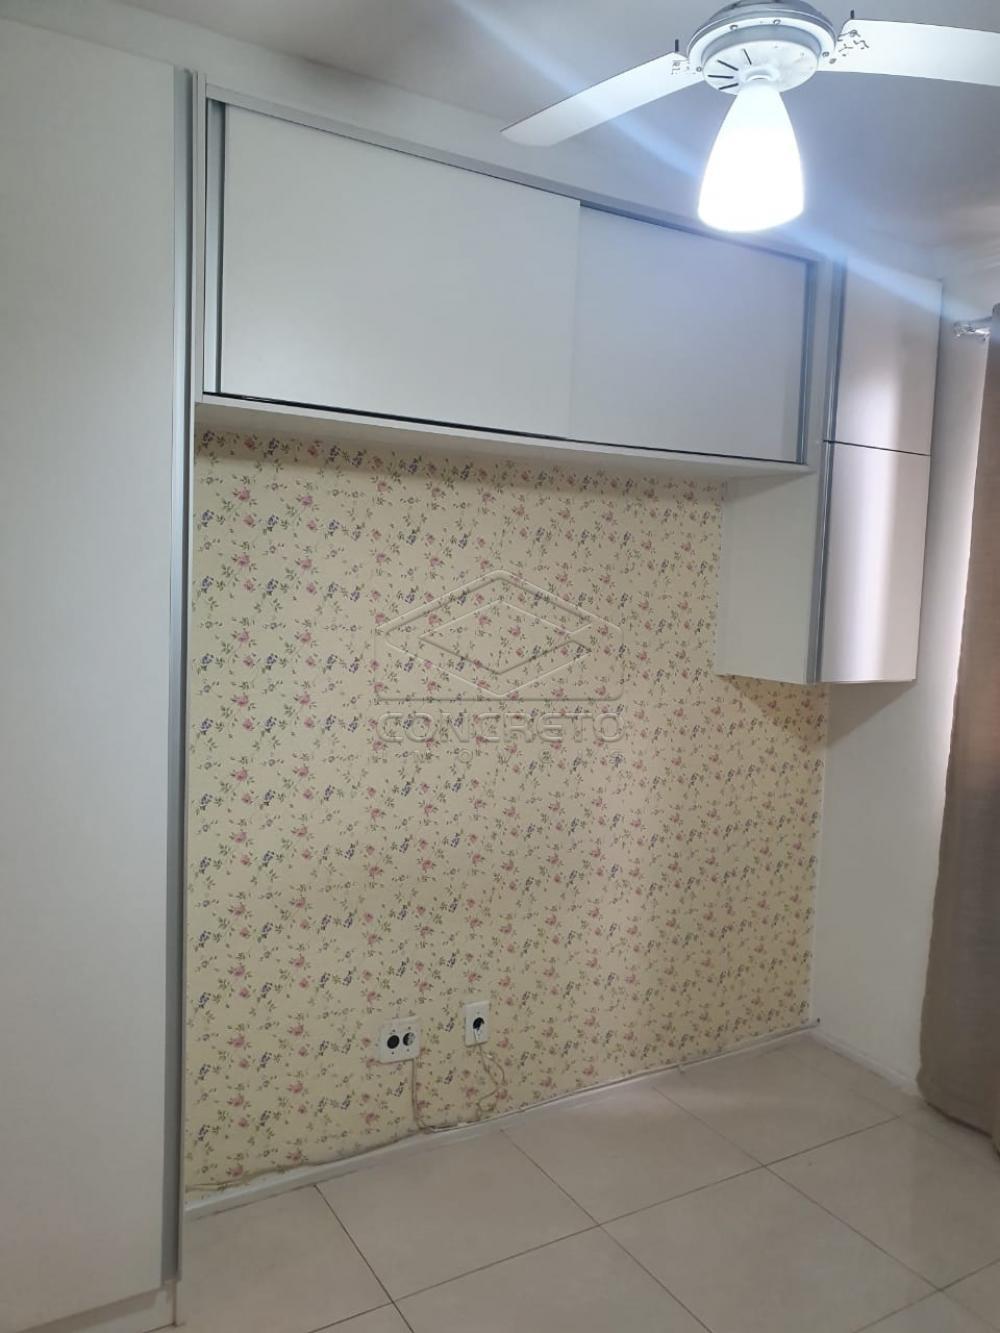 Comprar Apartamento / Padrão em Bauru apenas R$ 400.000,00 - Foto 2